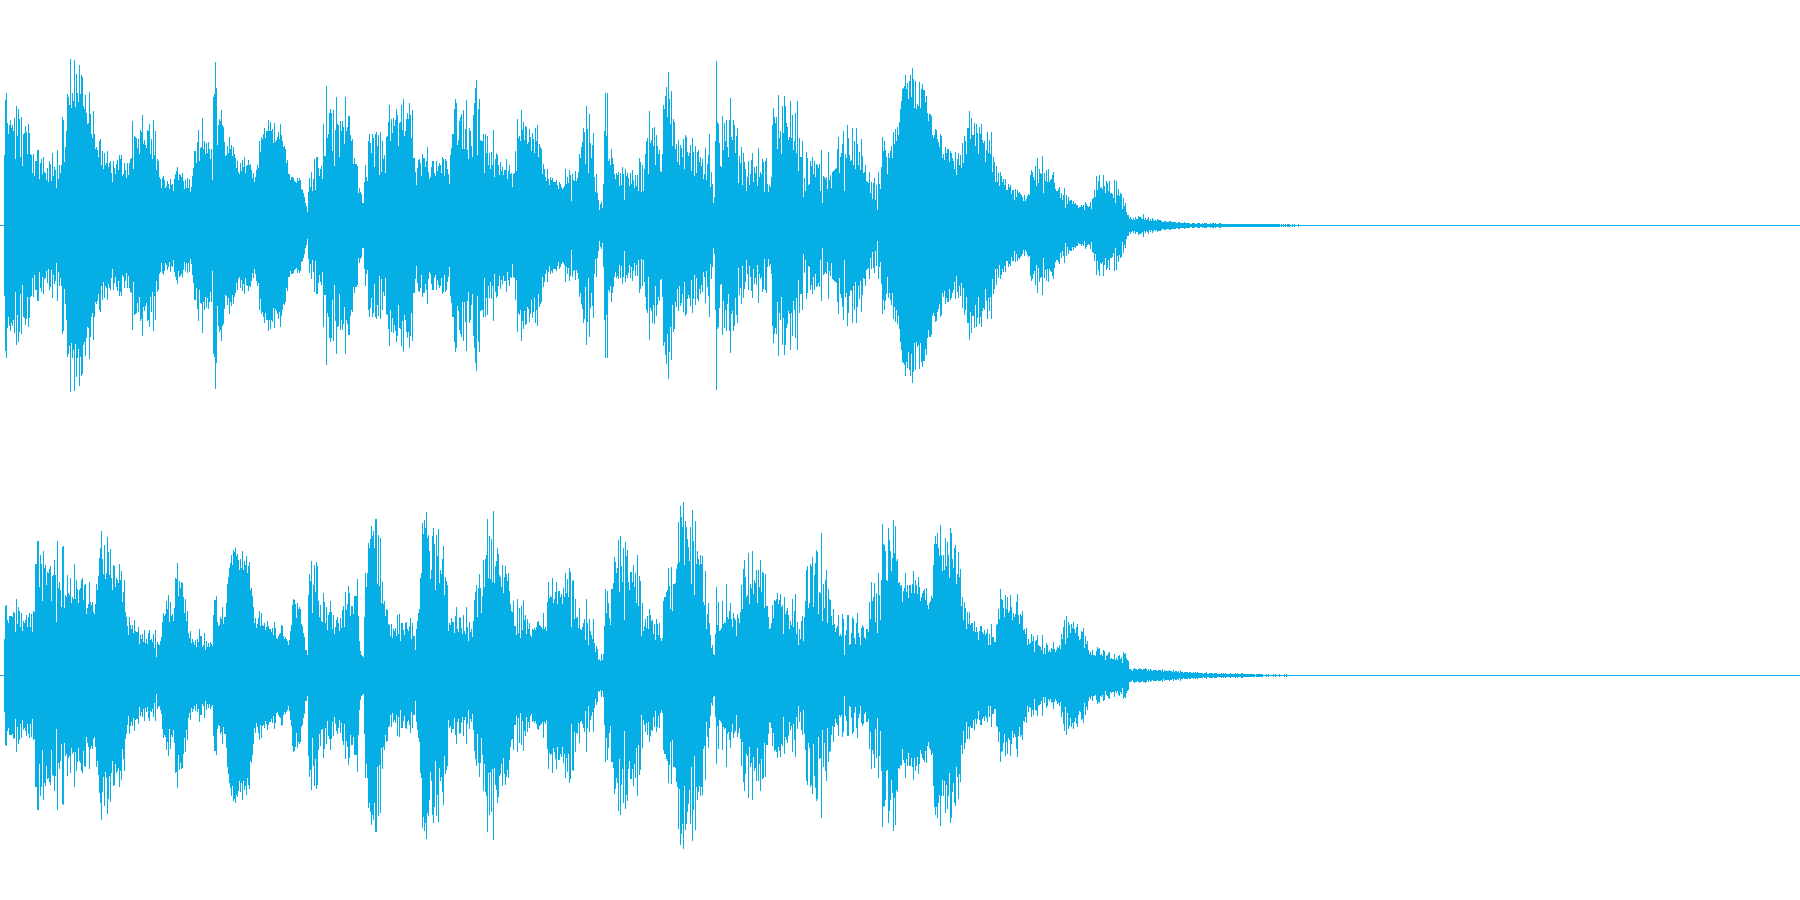 エレクトリックピアノでのジングルBGMの再生済みの波形